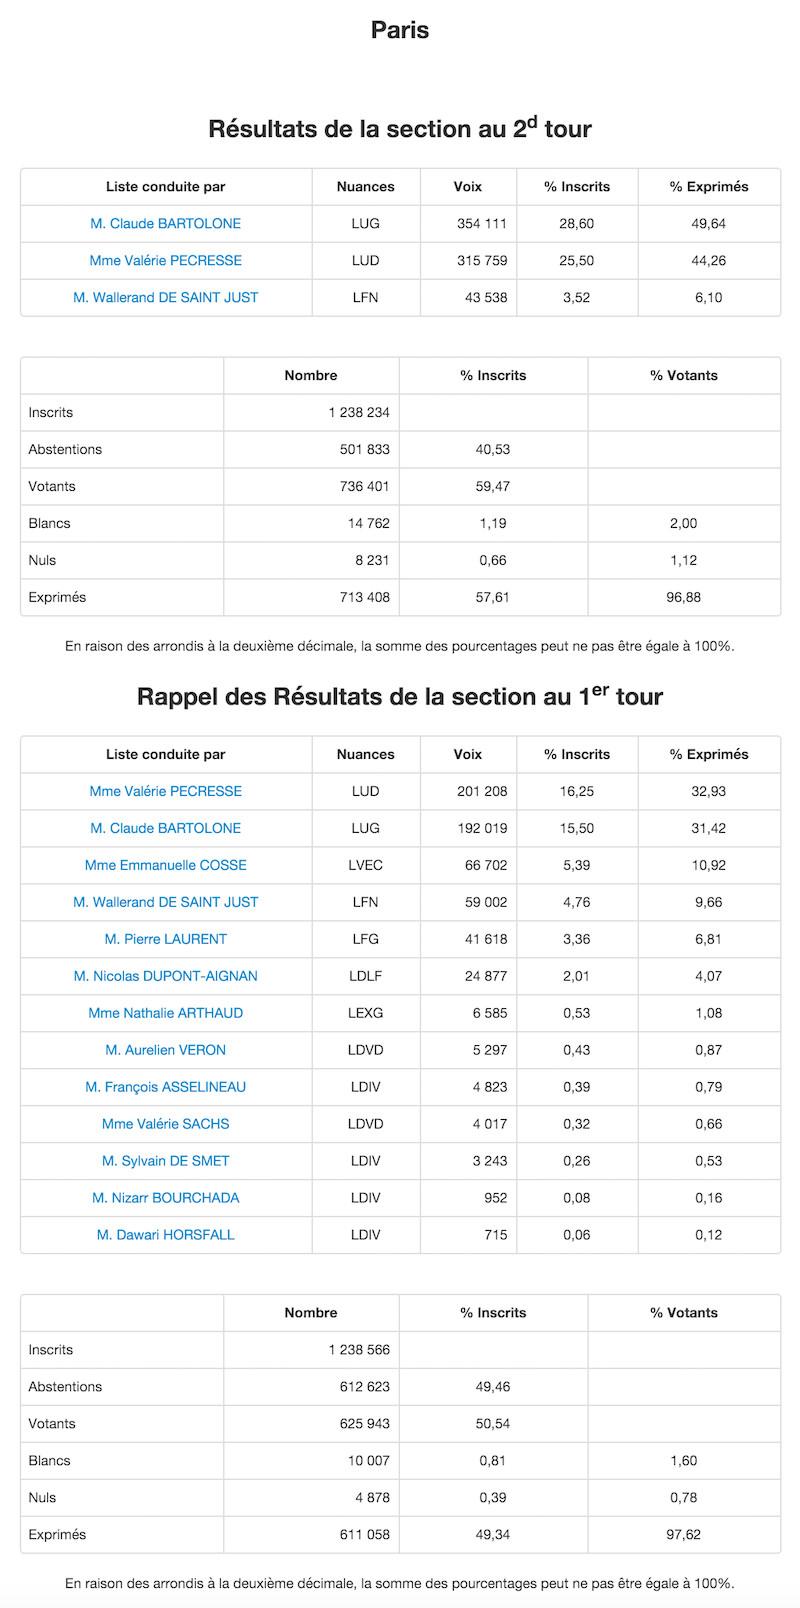 Régionales 2015 et 2010 dans le 19e arrondissement de Paris